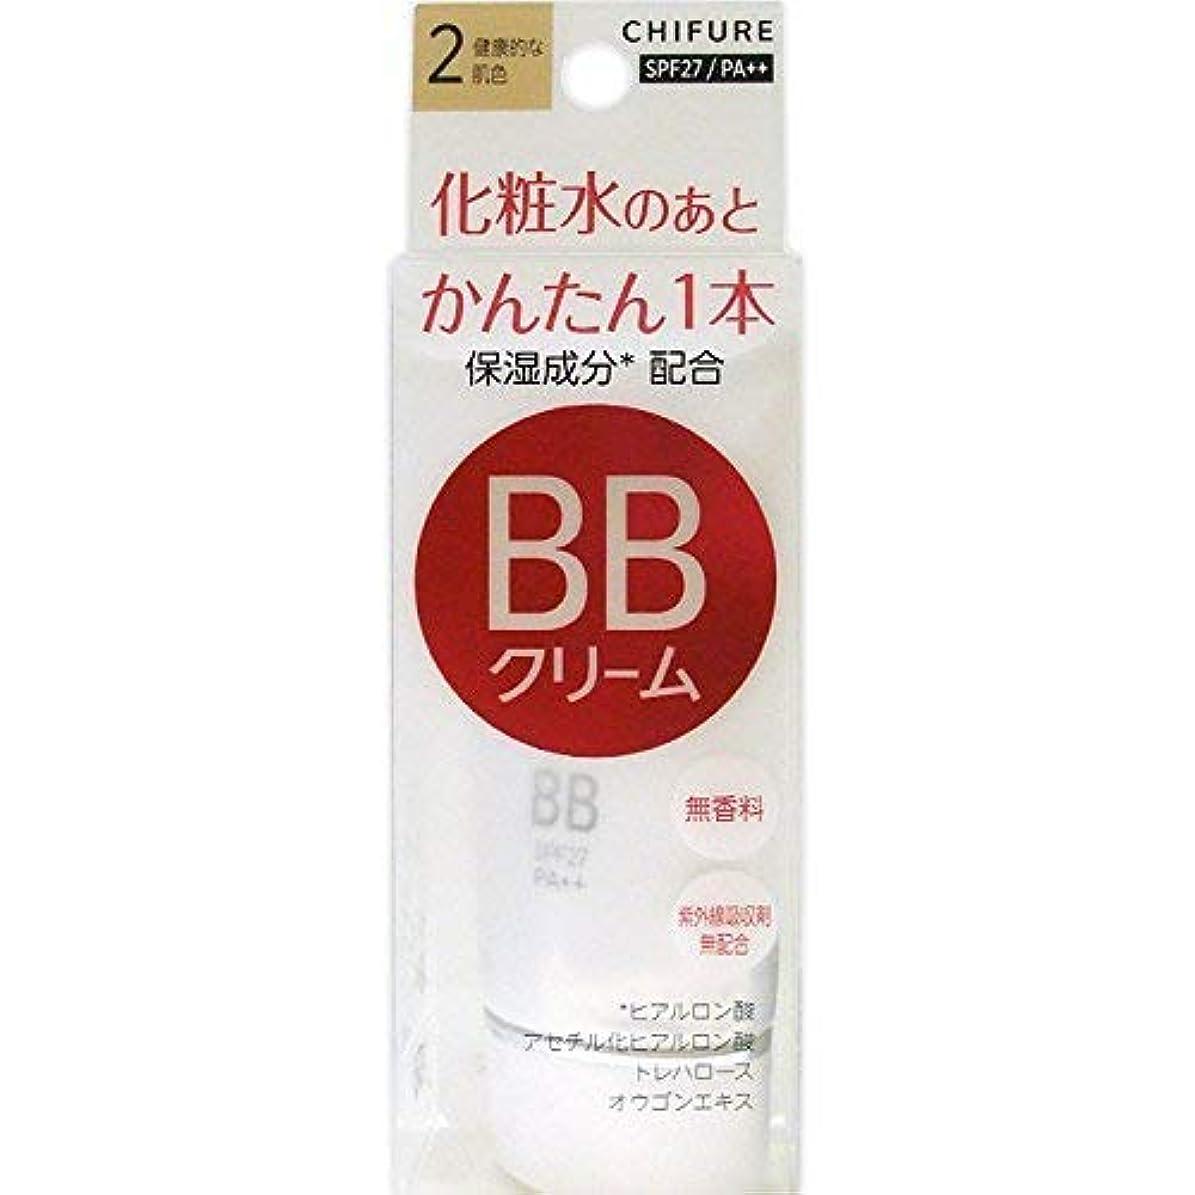 コミュニケーション仲間稼ぐちふれ化粧品 BB クリーム 2 健康的な肌色 BBクリーム 2